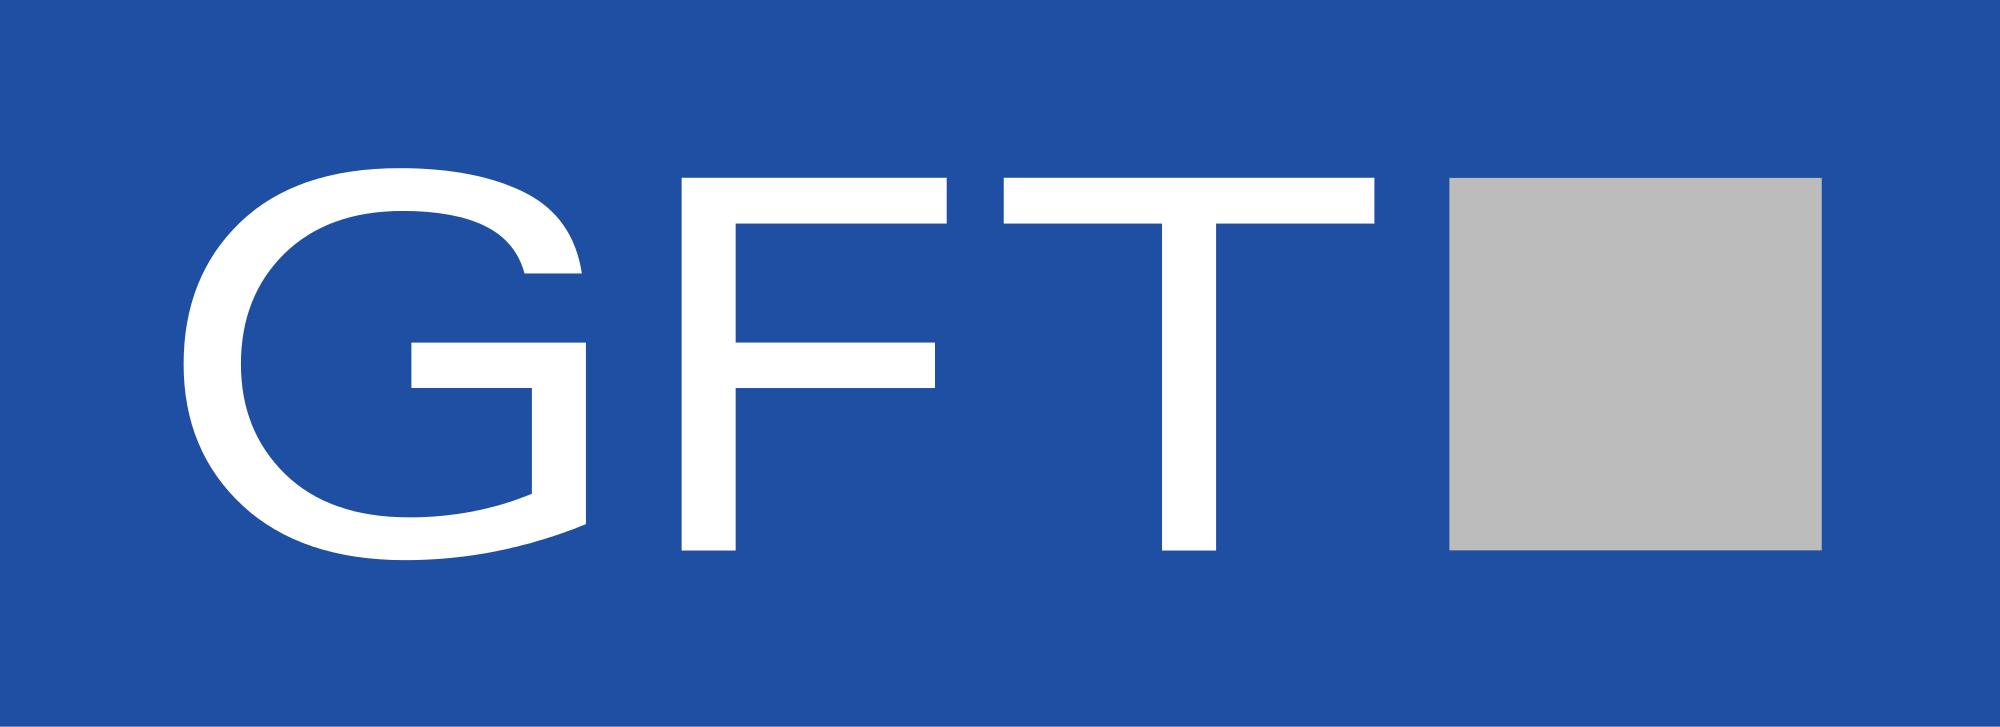 gft_se